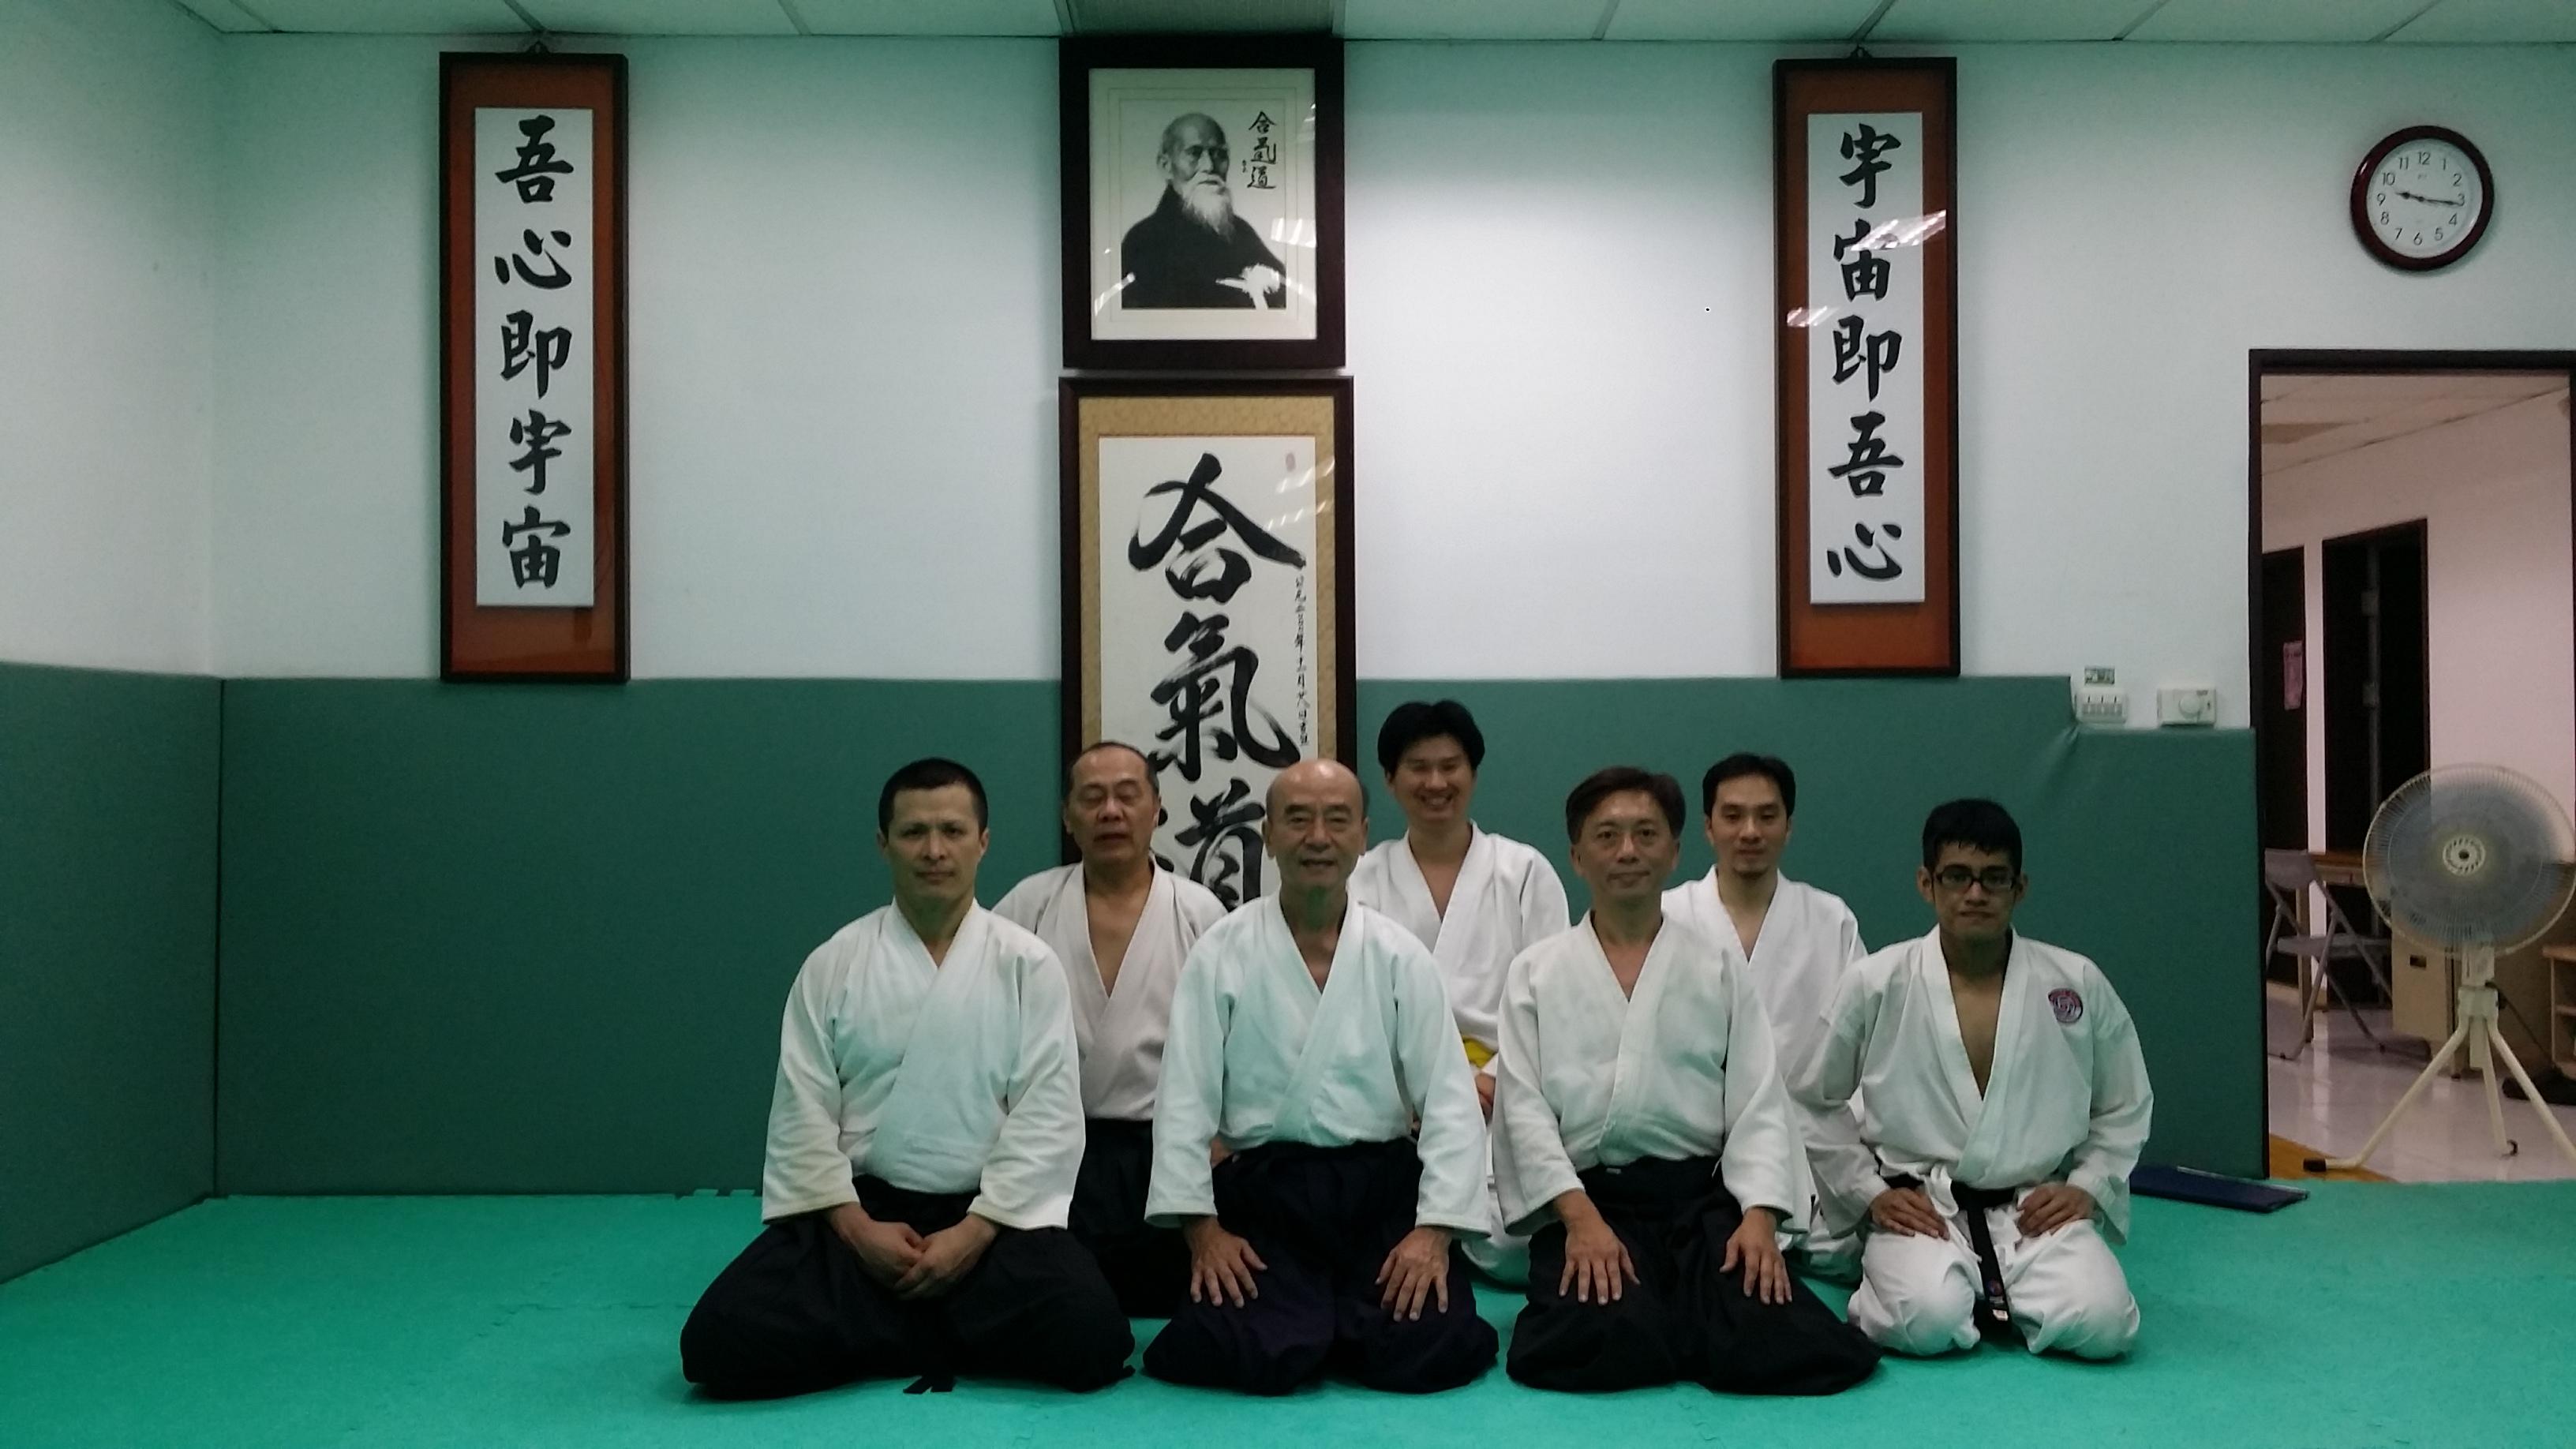 Logen Lanka At Taipei Daan Aikido